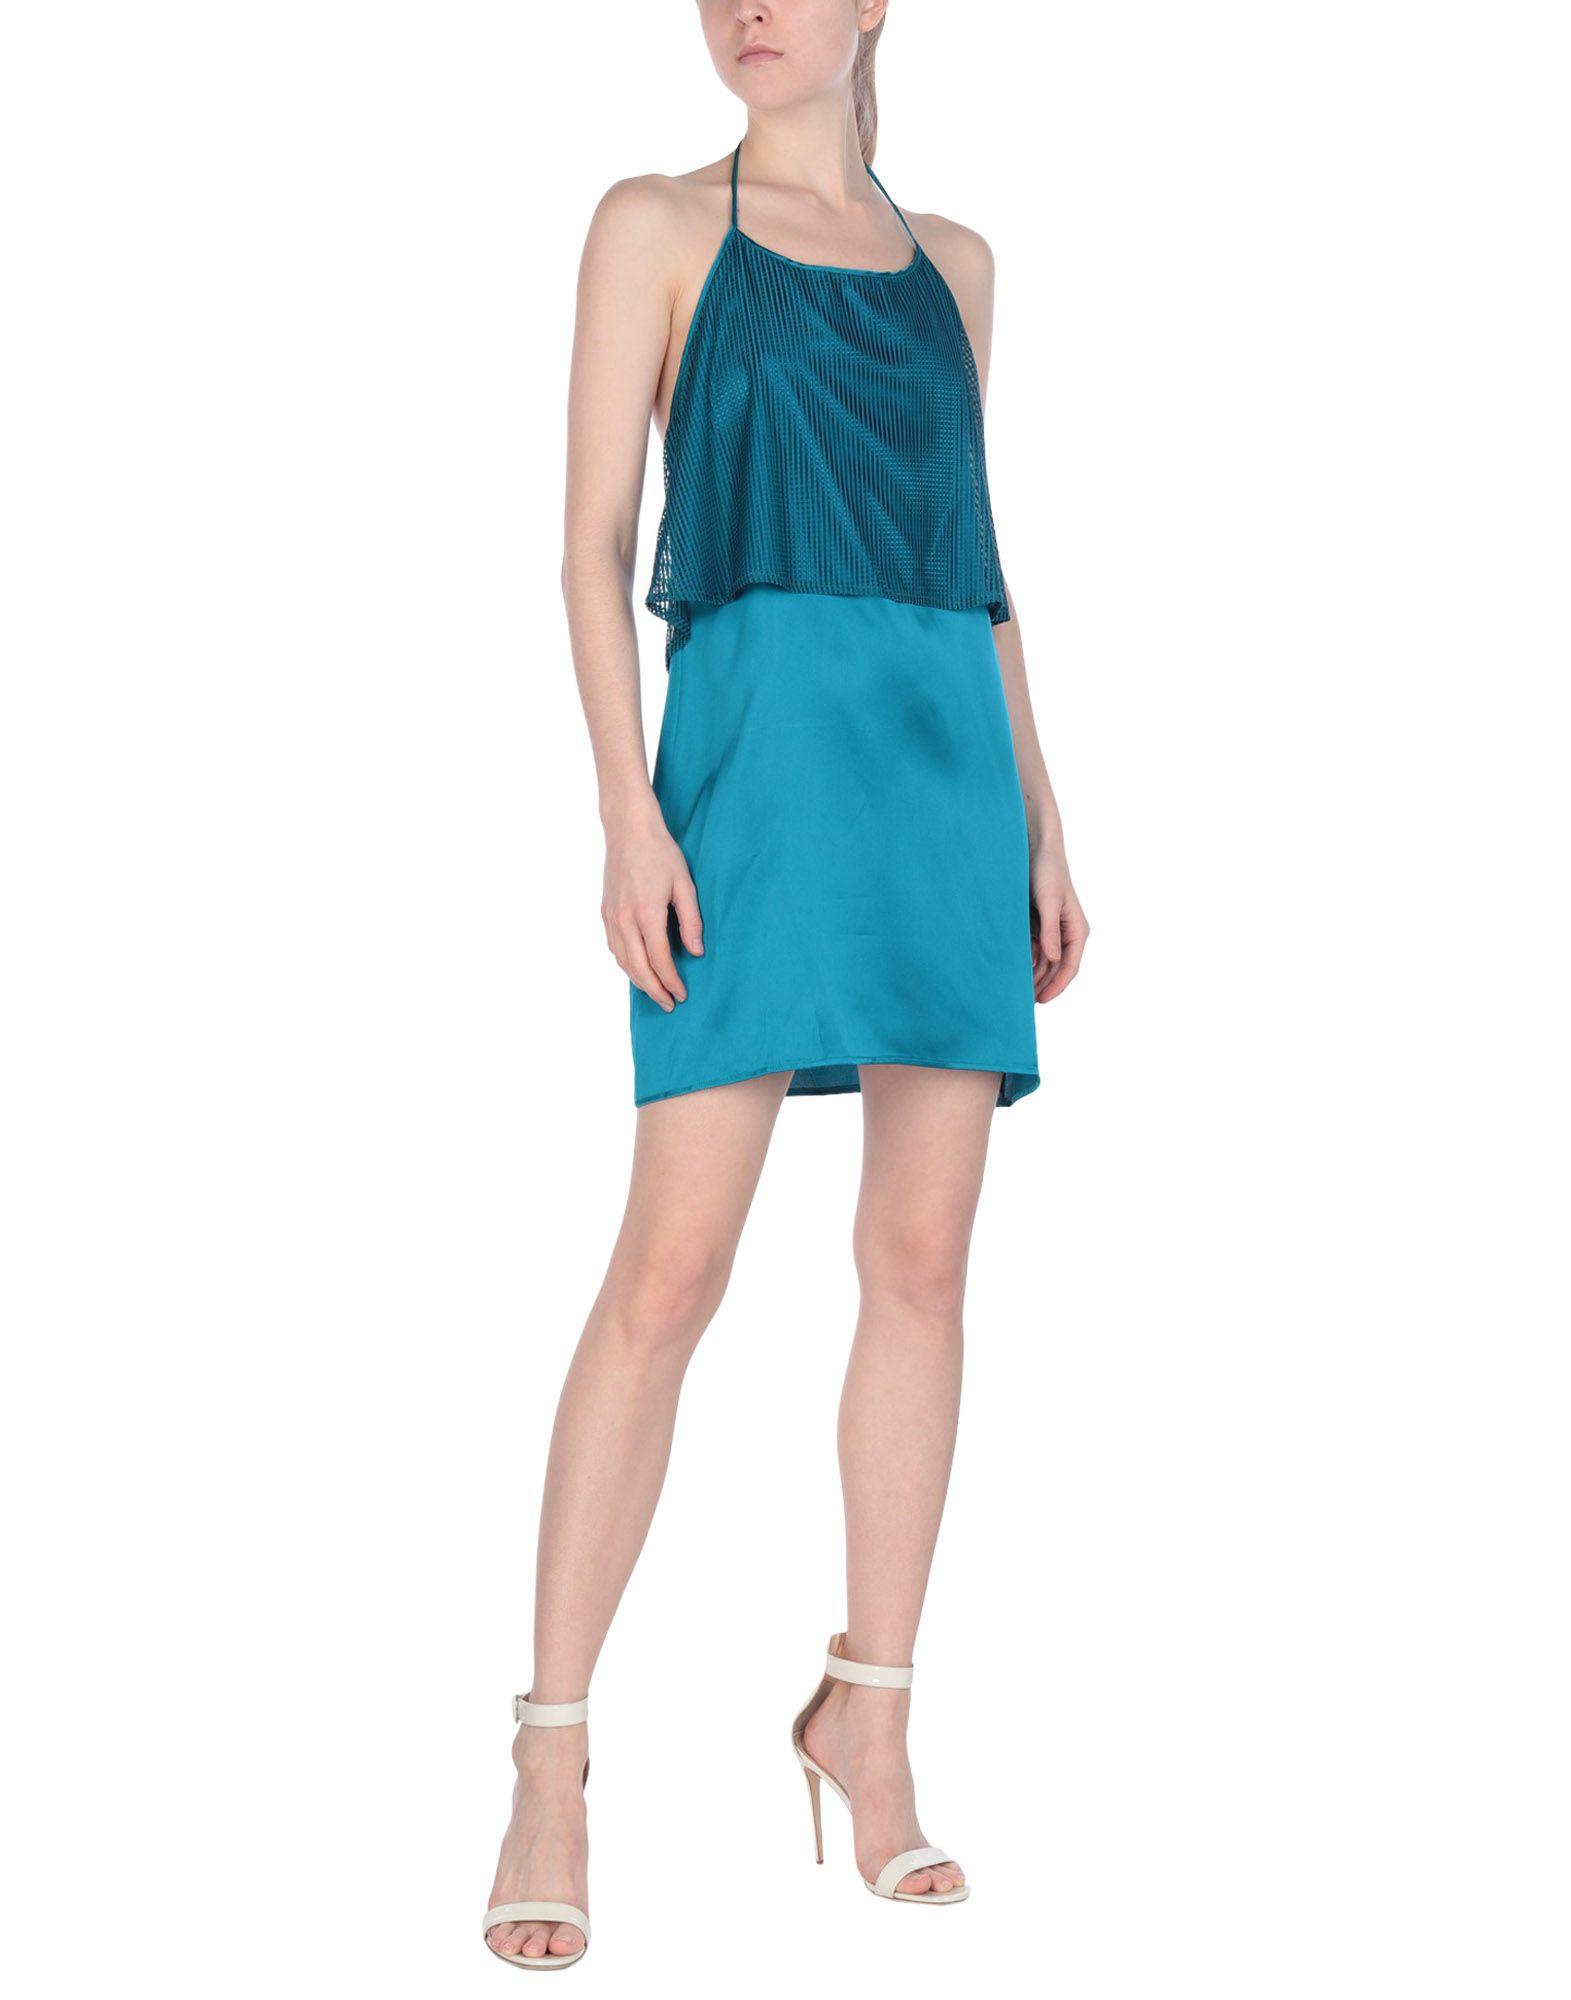 Фото - F**K PROJECT Короткое платье friday s project короткое платье